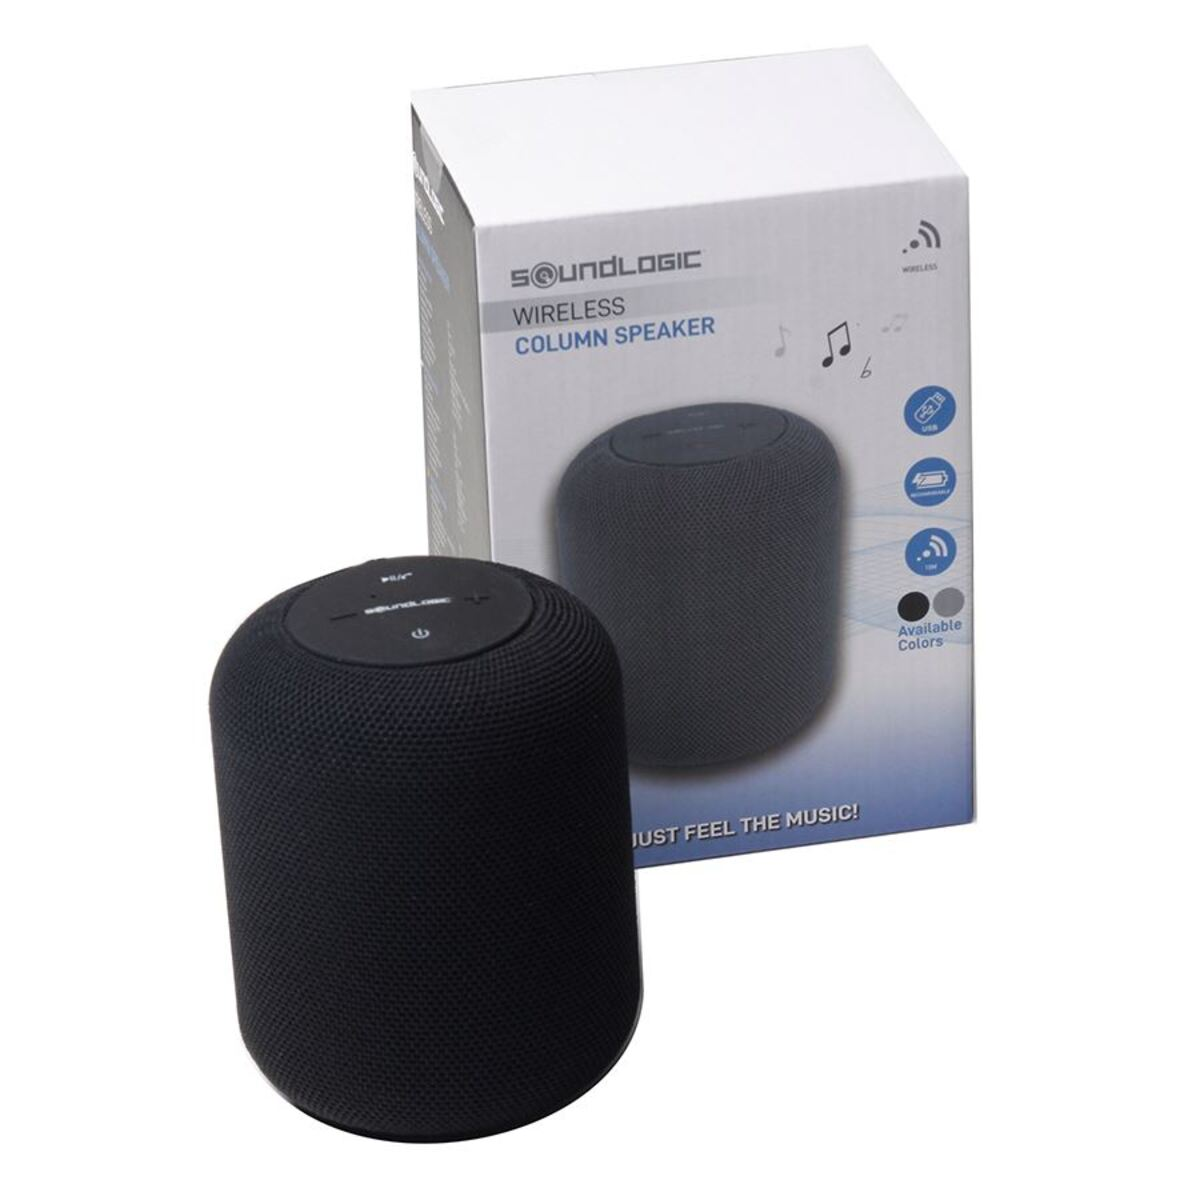 Bild 2 von Soundlogic Bluetooth Säulen-Lautsprecher